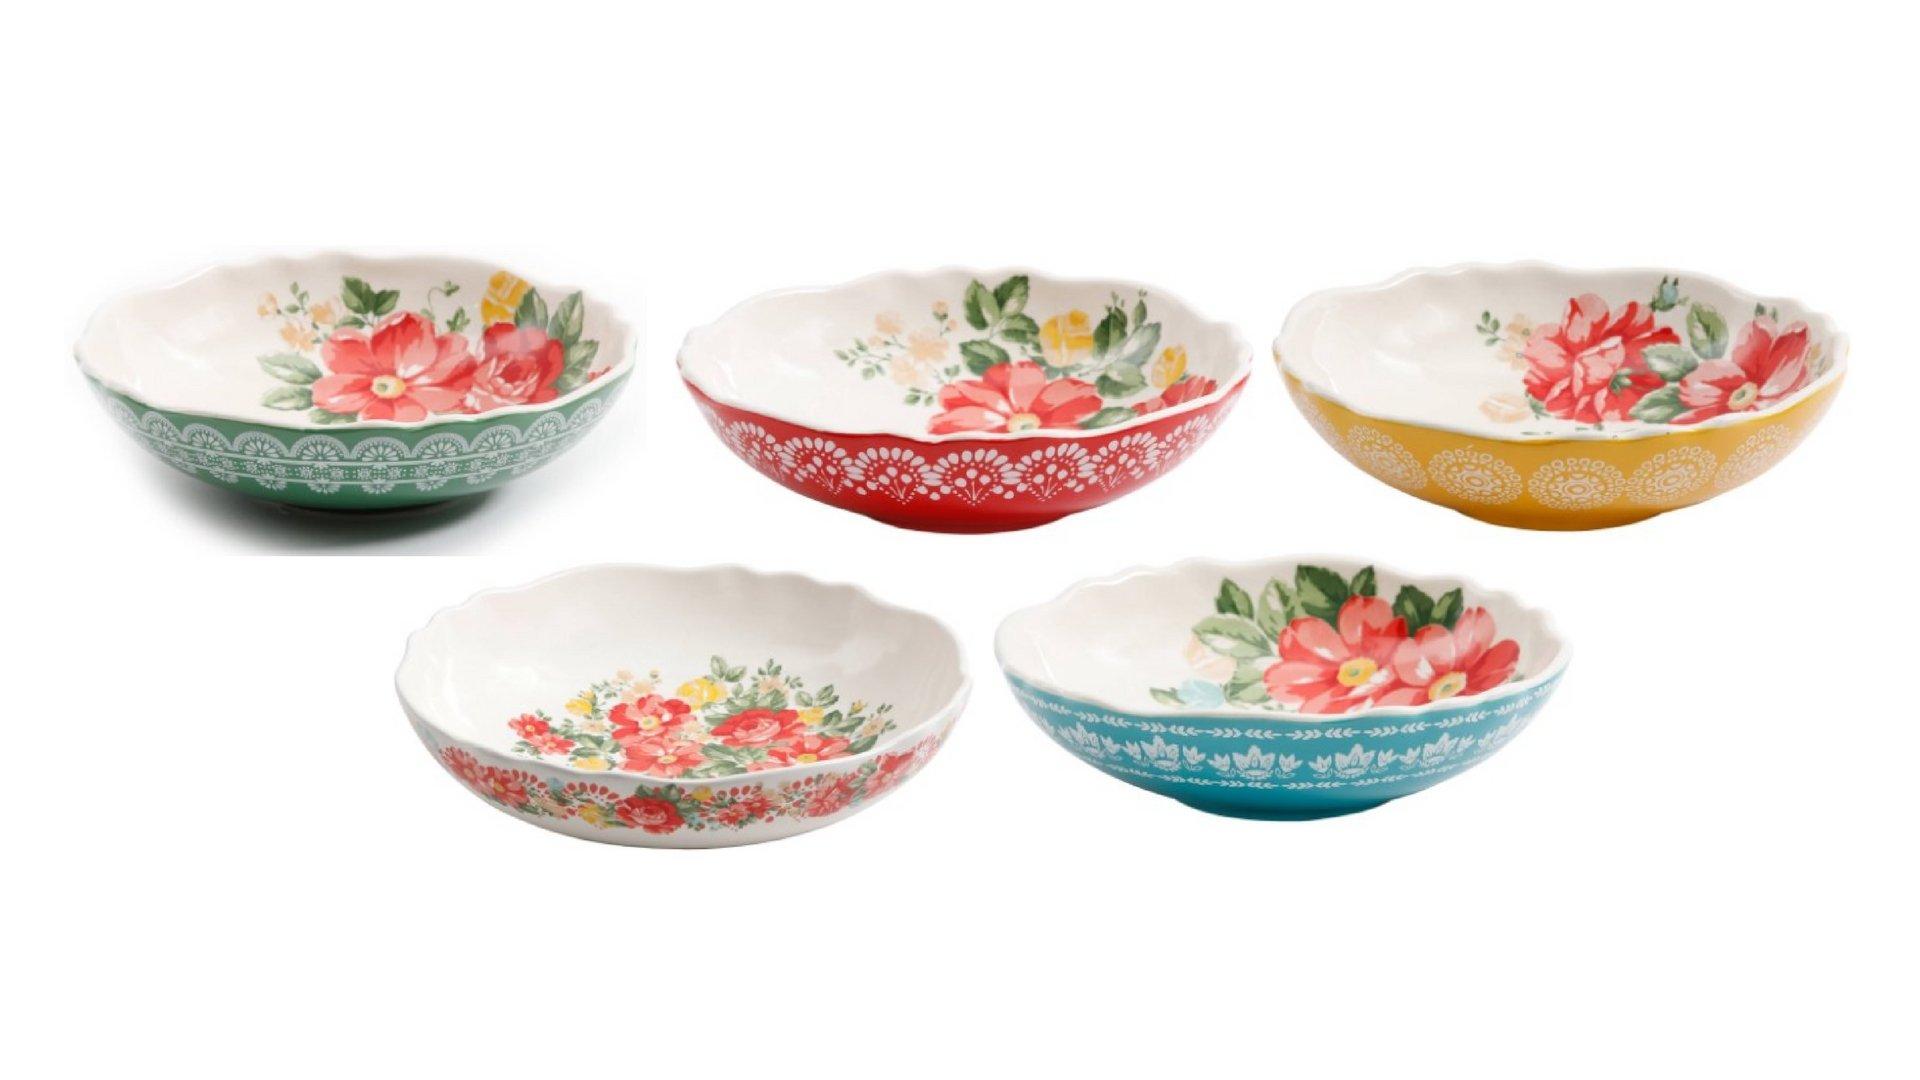 The Pioneer Woman Porcelain Round Vintage Floral 5-Piece Pasta Bowl Set